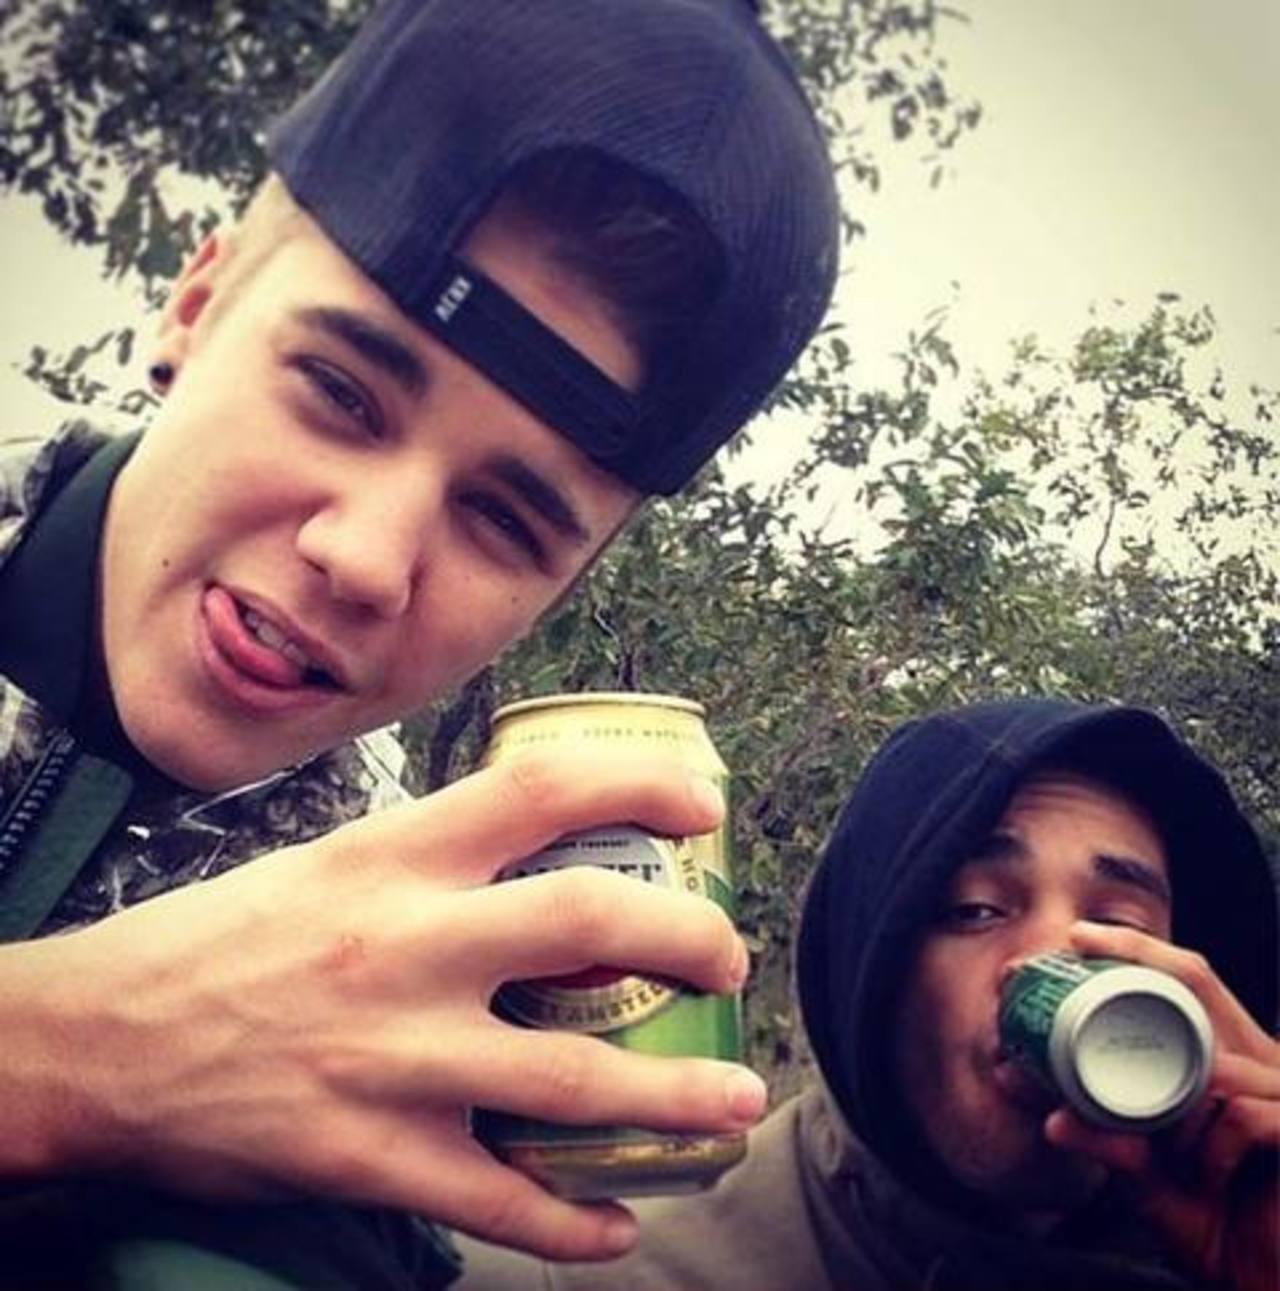 El cantante, de 19 años, causó polémica cuando posteó en Instagram una imagen con un amigo bebiendo.